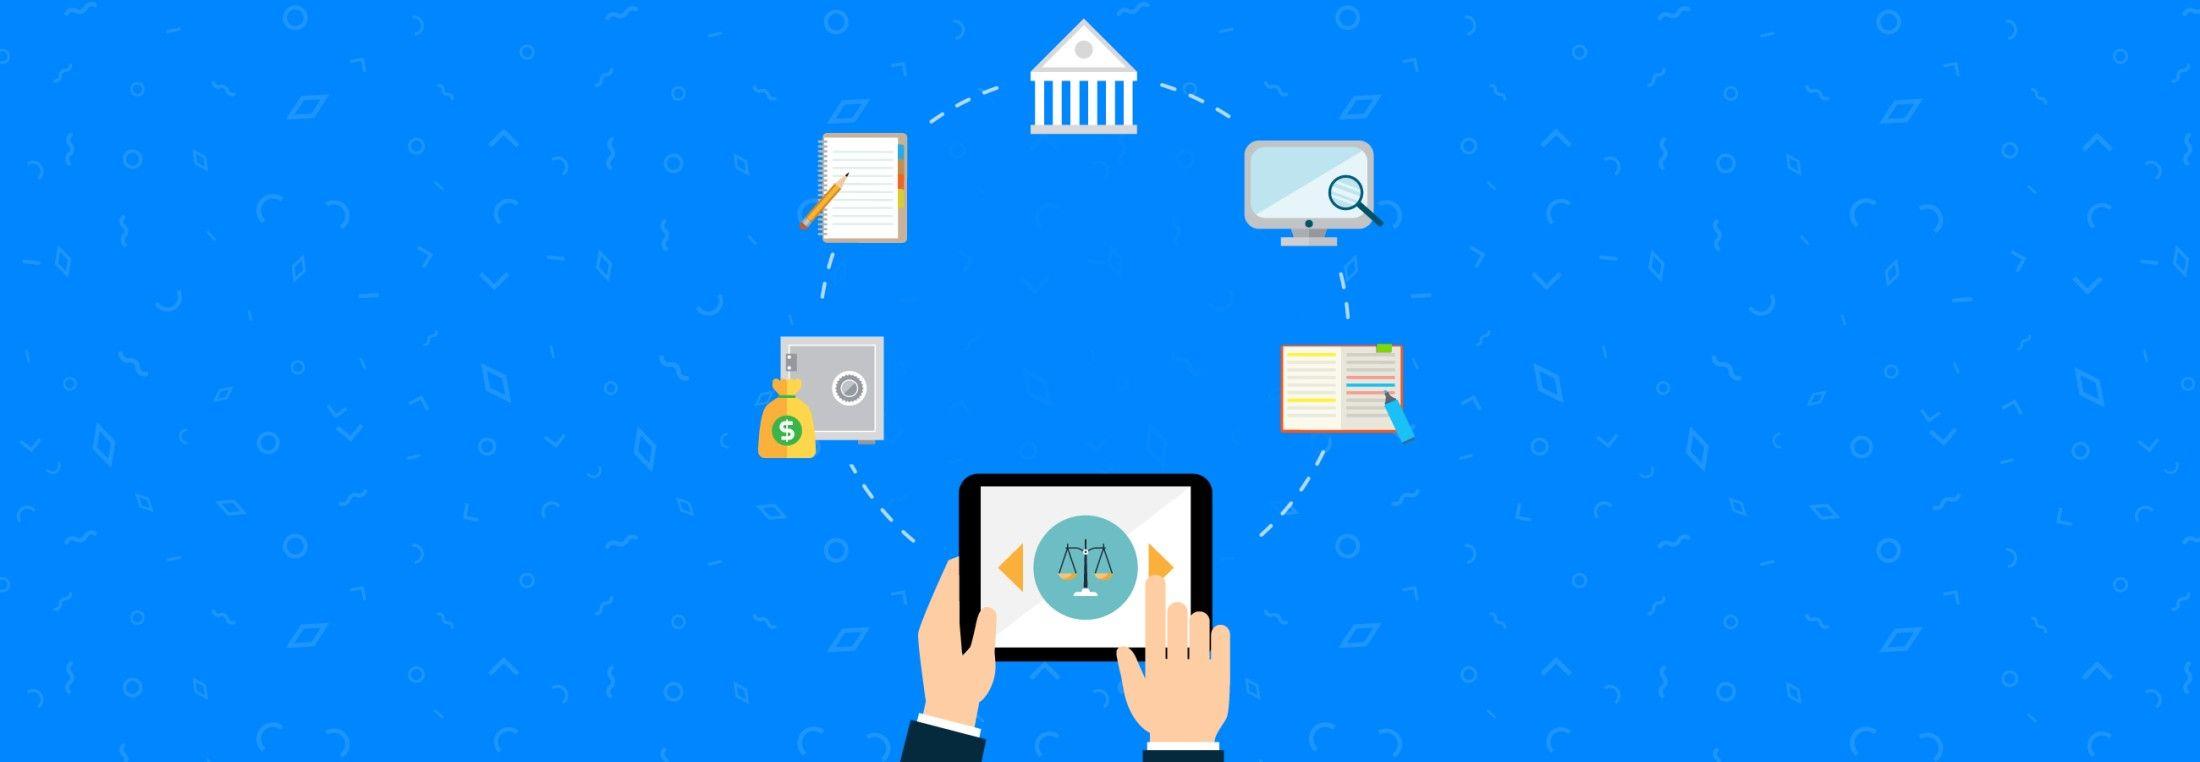 专利检索_数字资产管理系统_登记入口